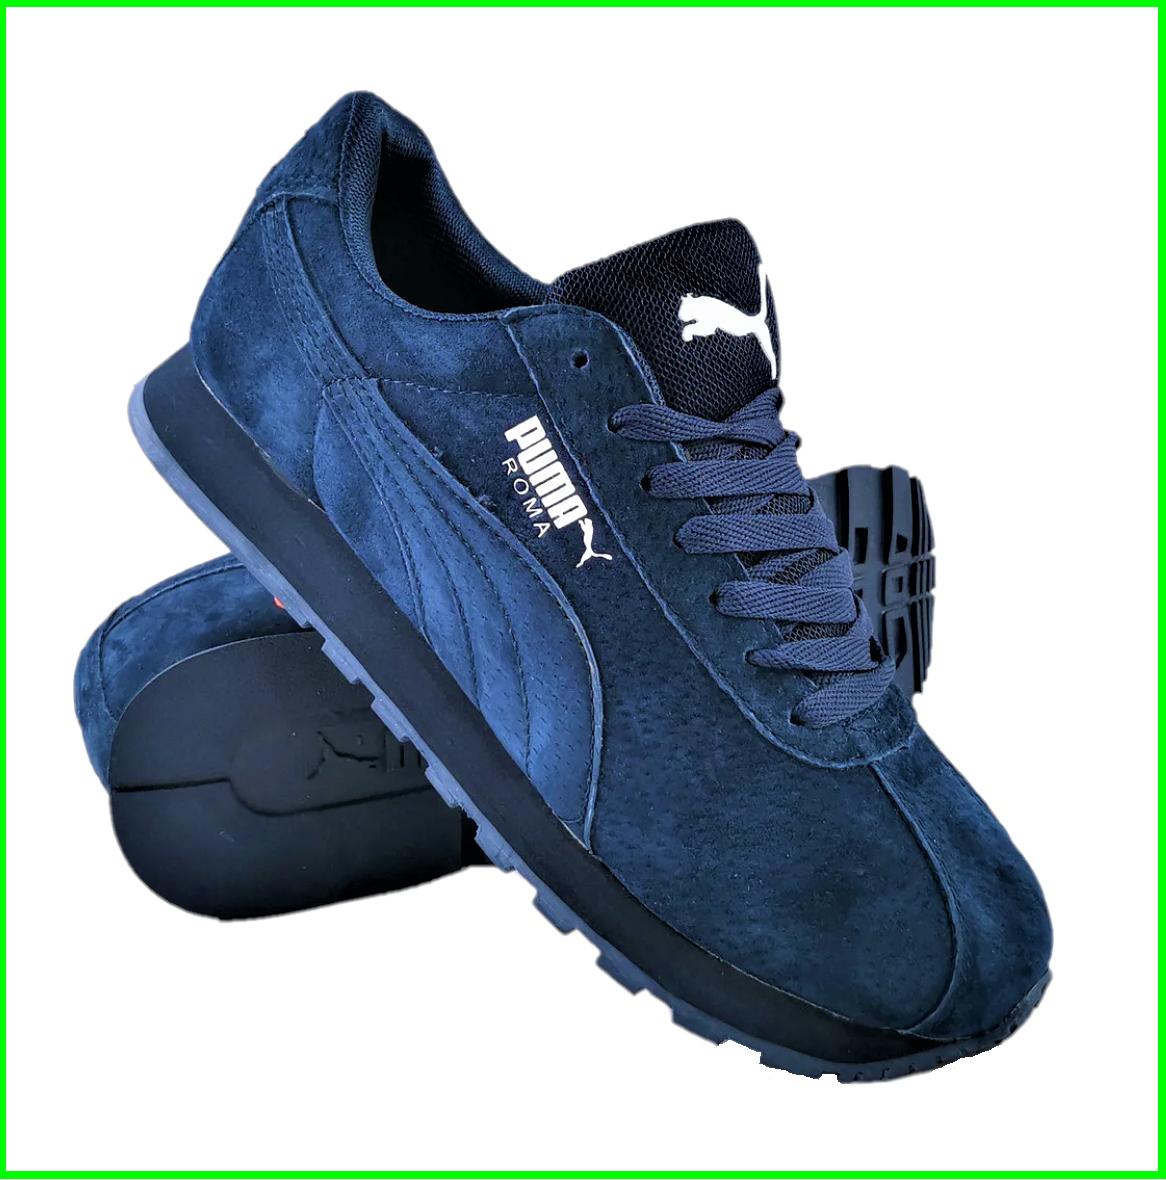 Мужские Кроссовки PUMA Roma Синие Замшевые Пума (размеры: 41,42,43,45,46)